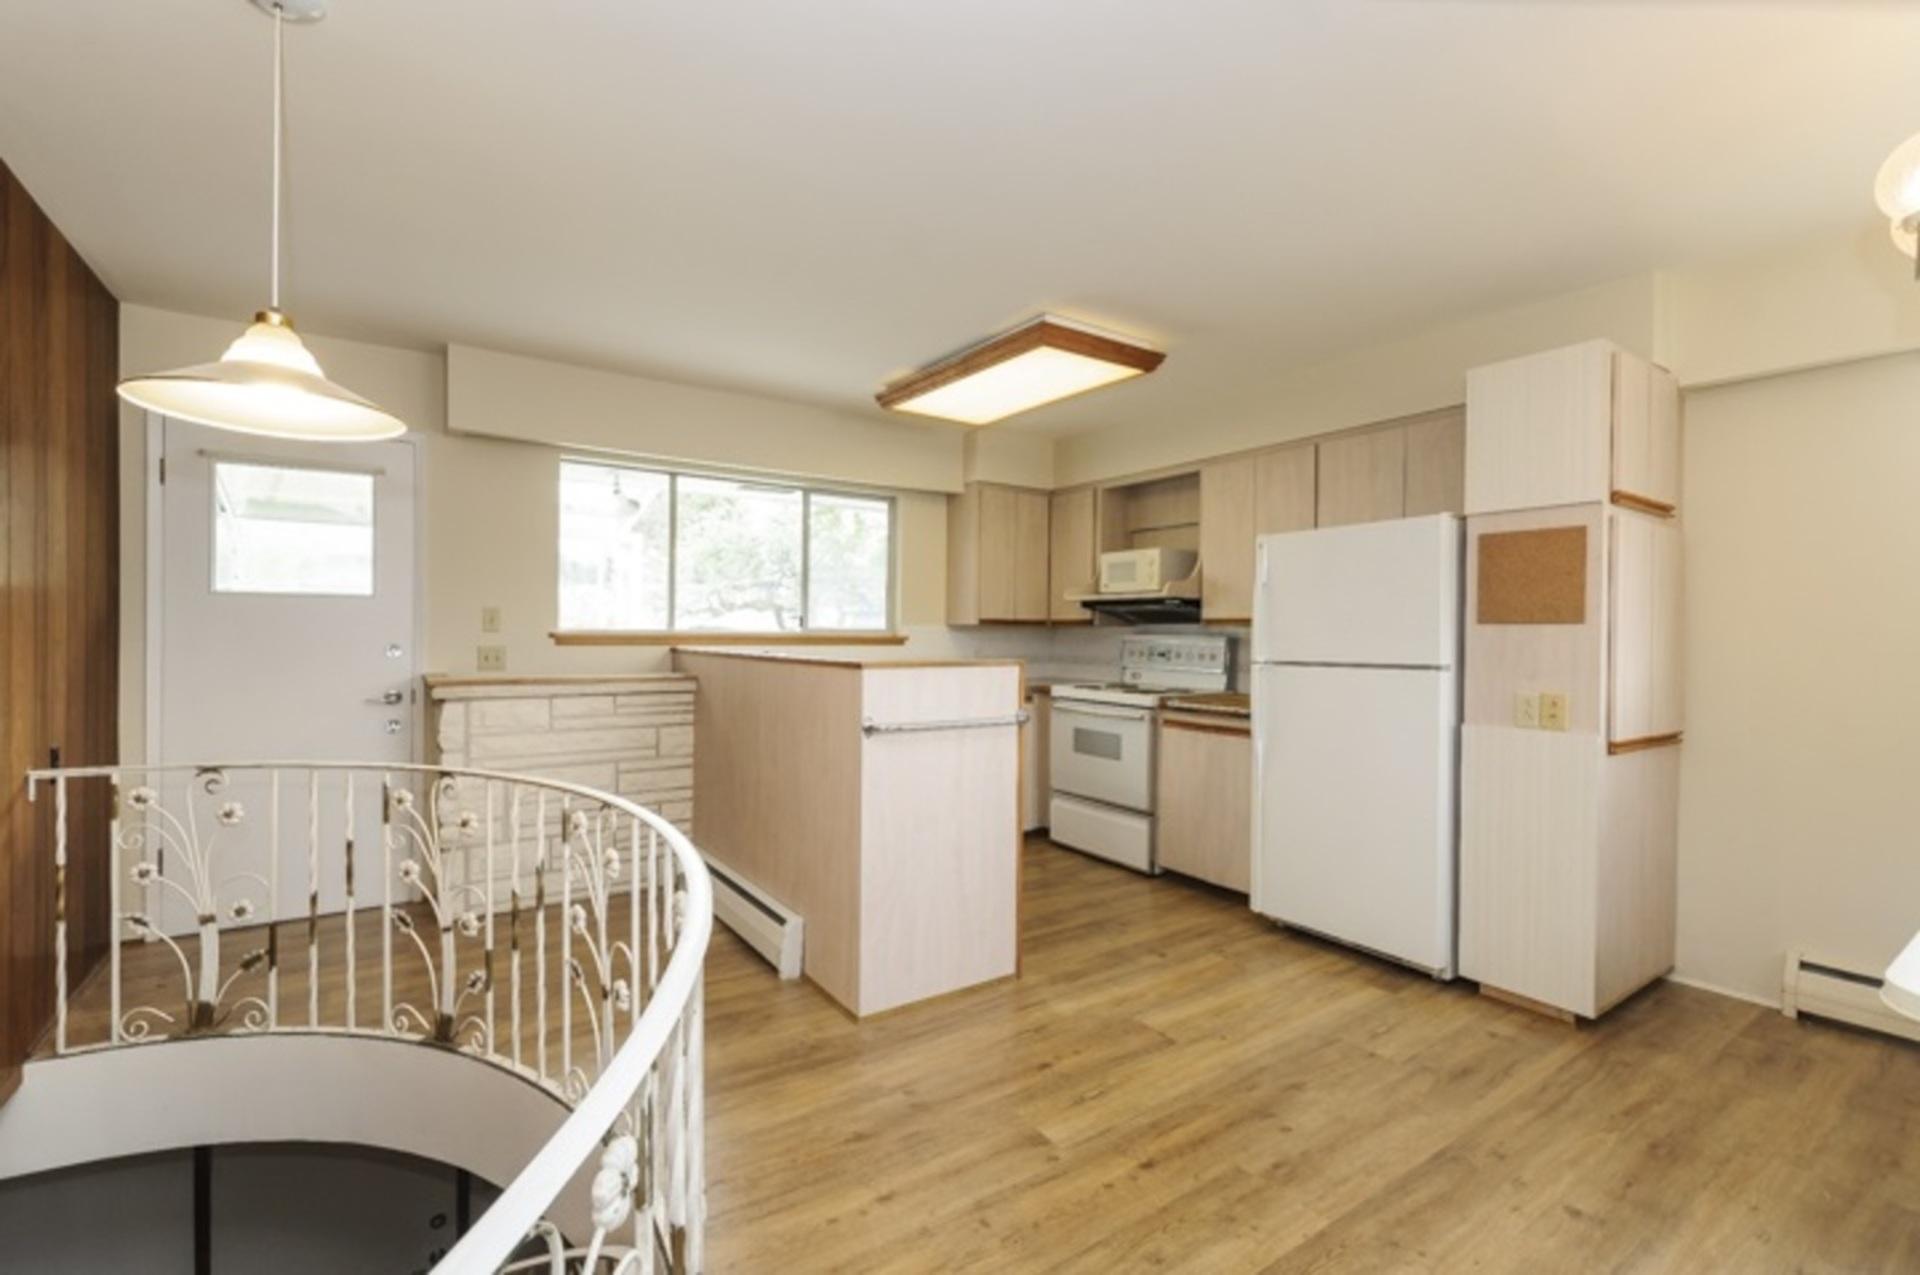 7230-kitchener-street-simon-fraser-univer-burnaby-north-20 at 7230 Kitchener Street, Burnaby North